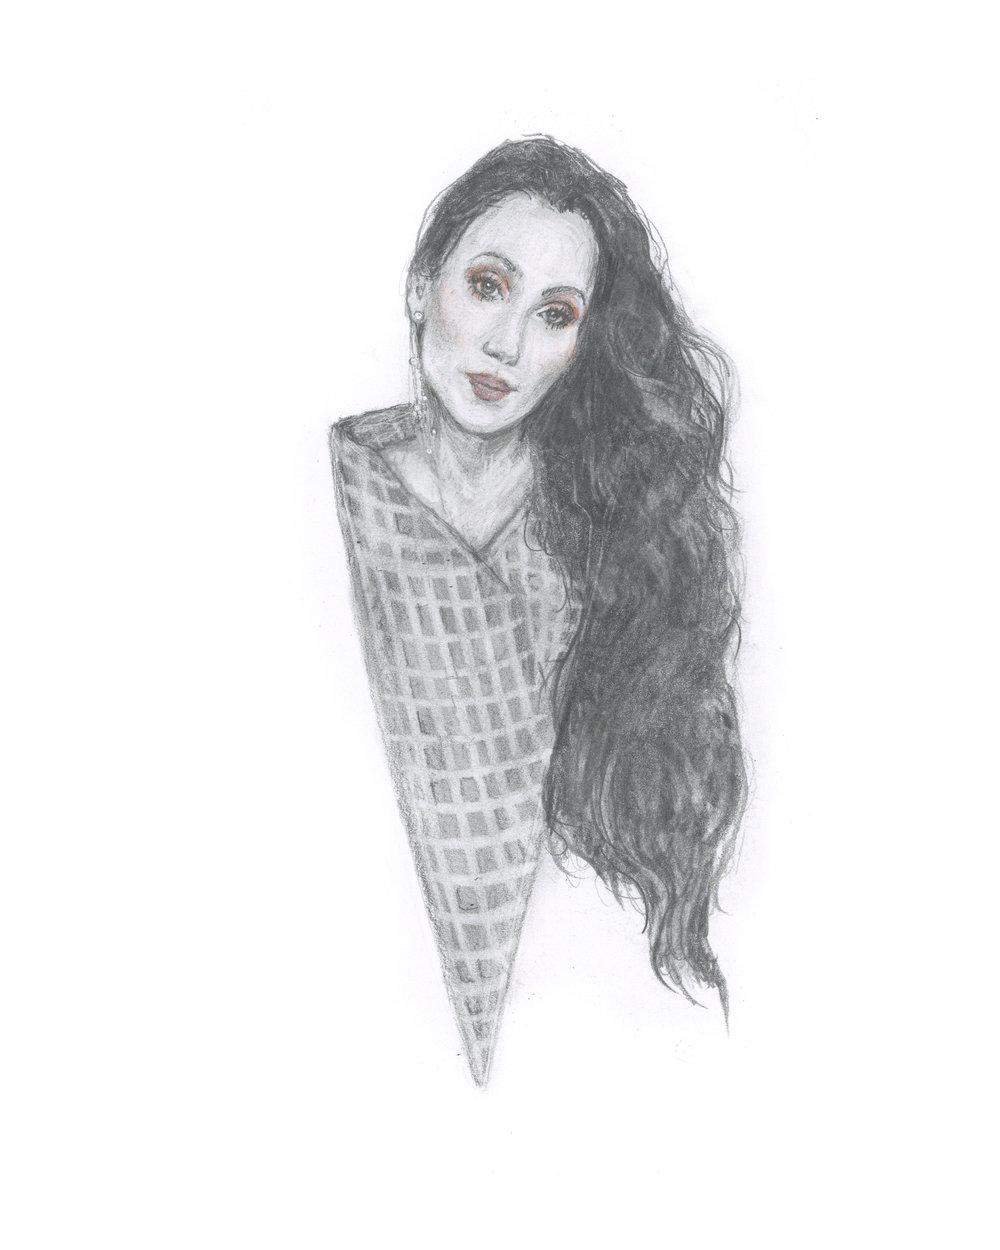 Cher Caput